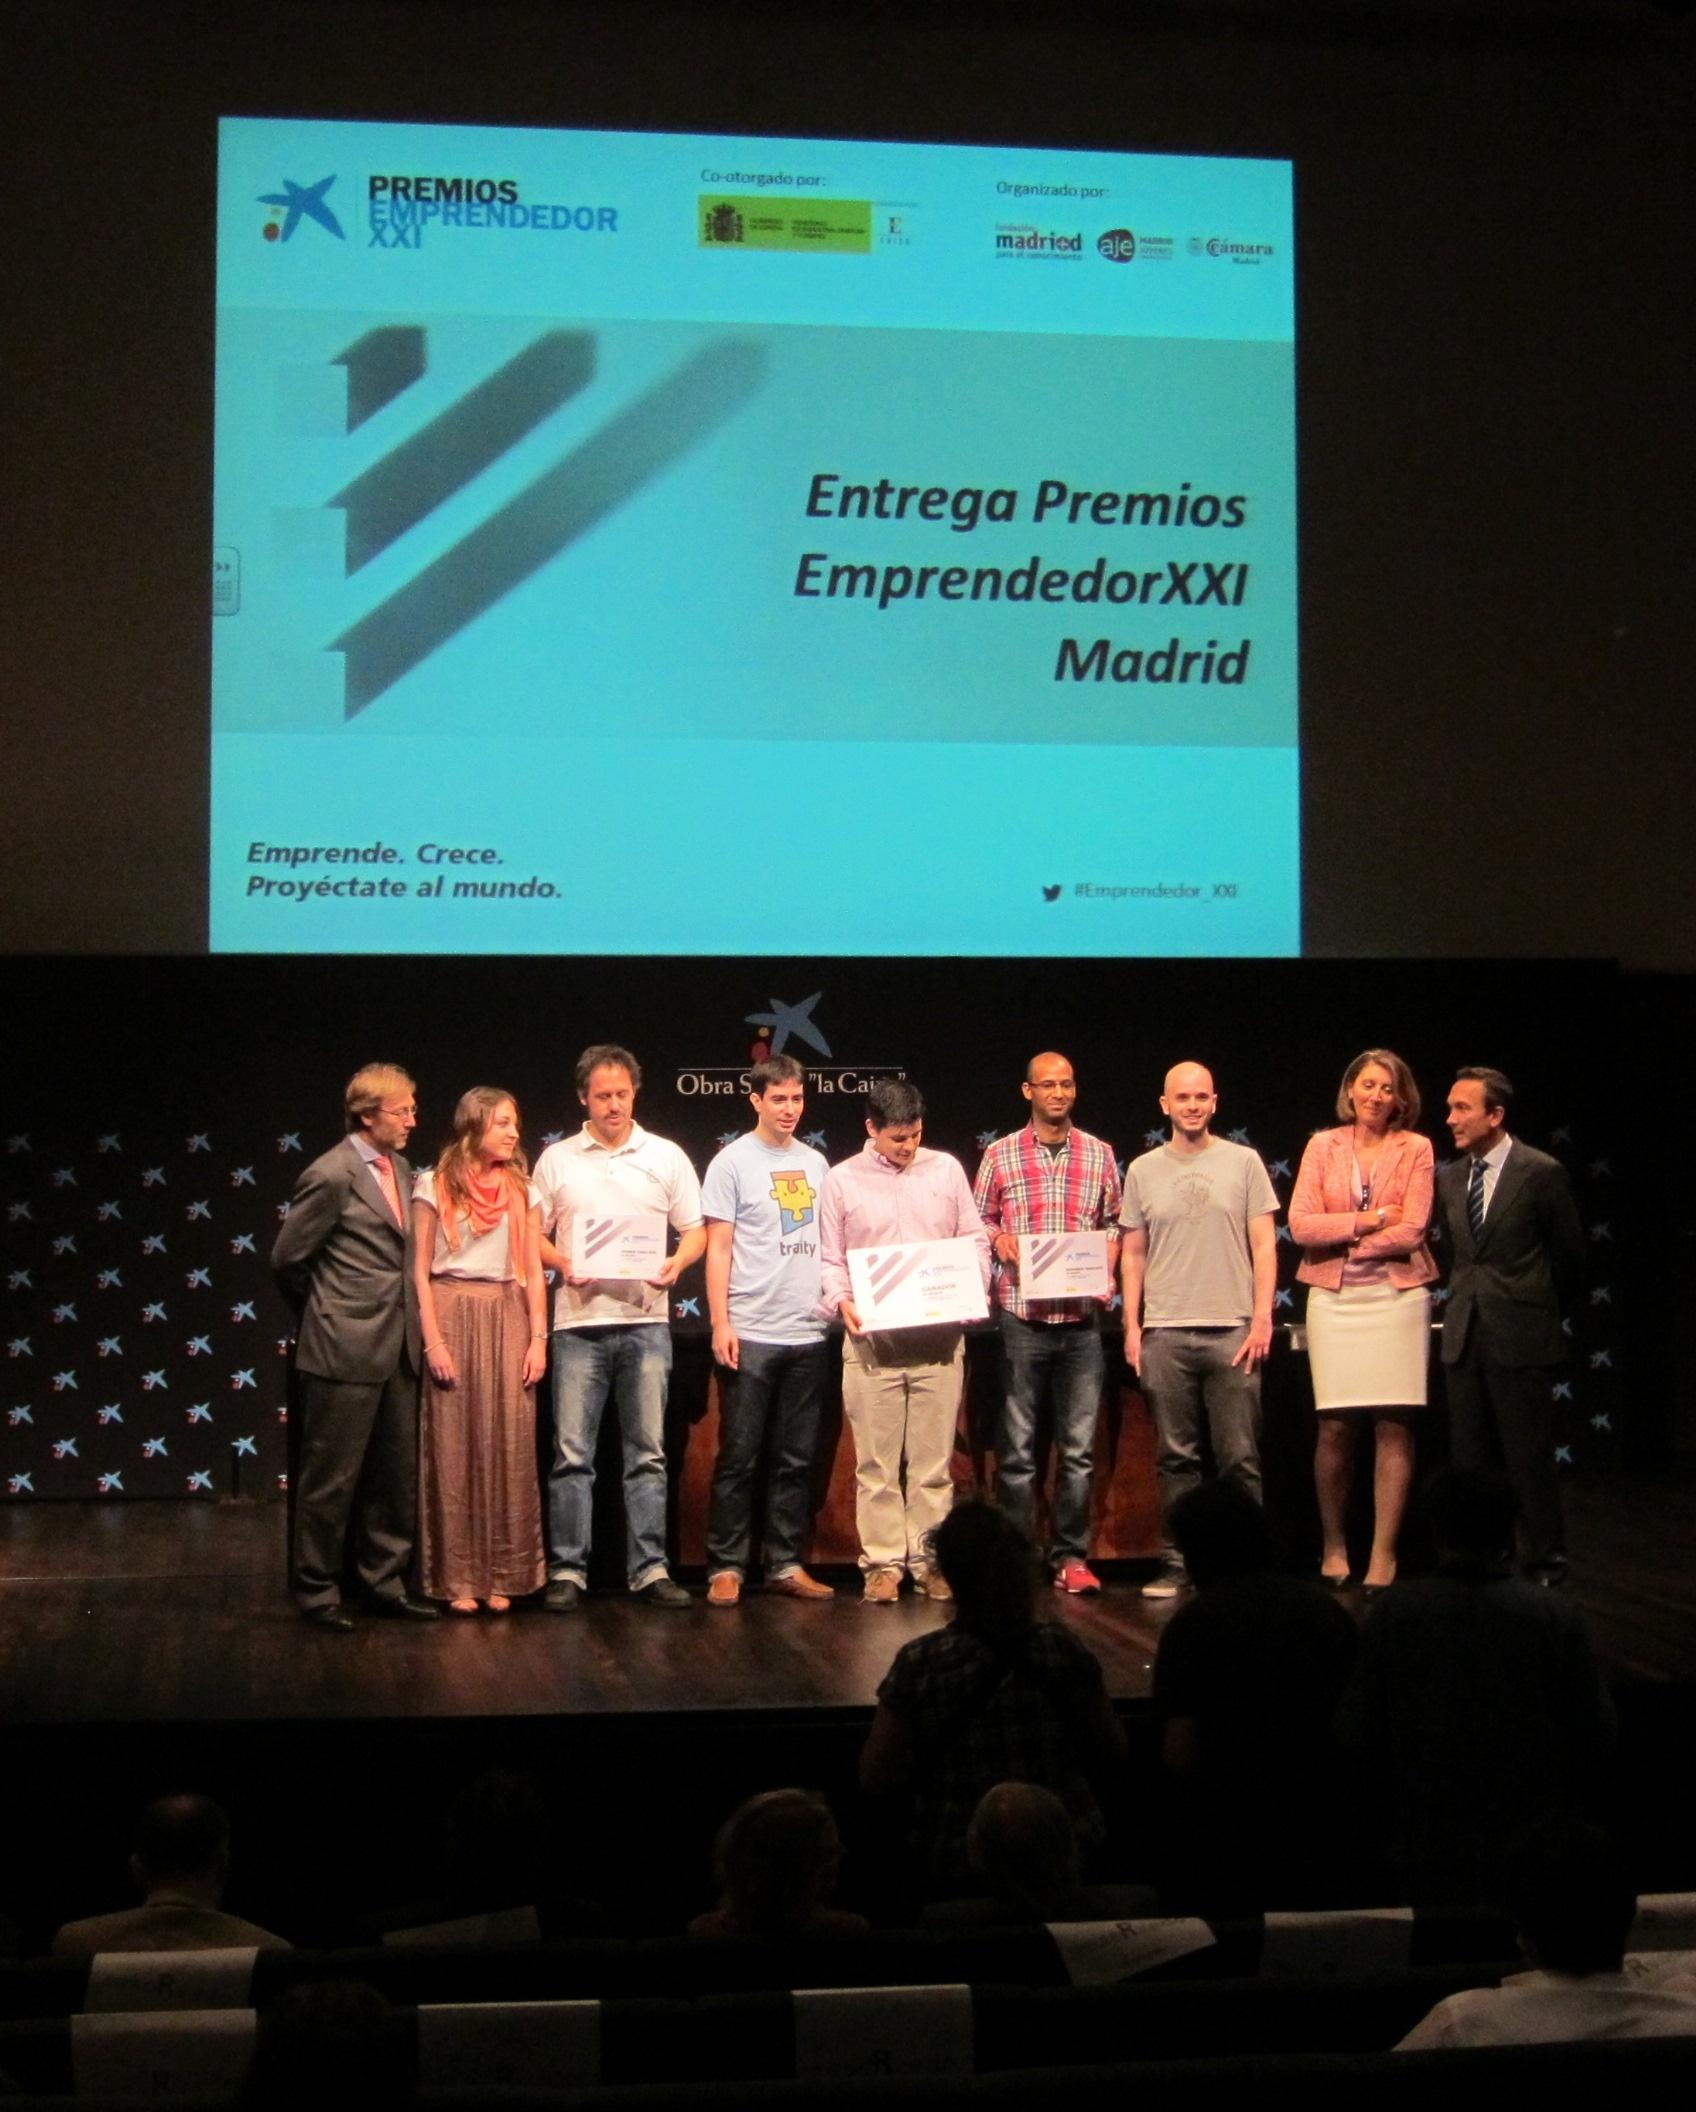 La empresa Traity.com gana la fase autonómica de los Premios EmprendedorXXI y representará a Madrid en la nacional